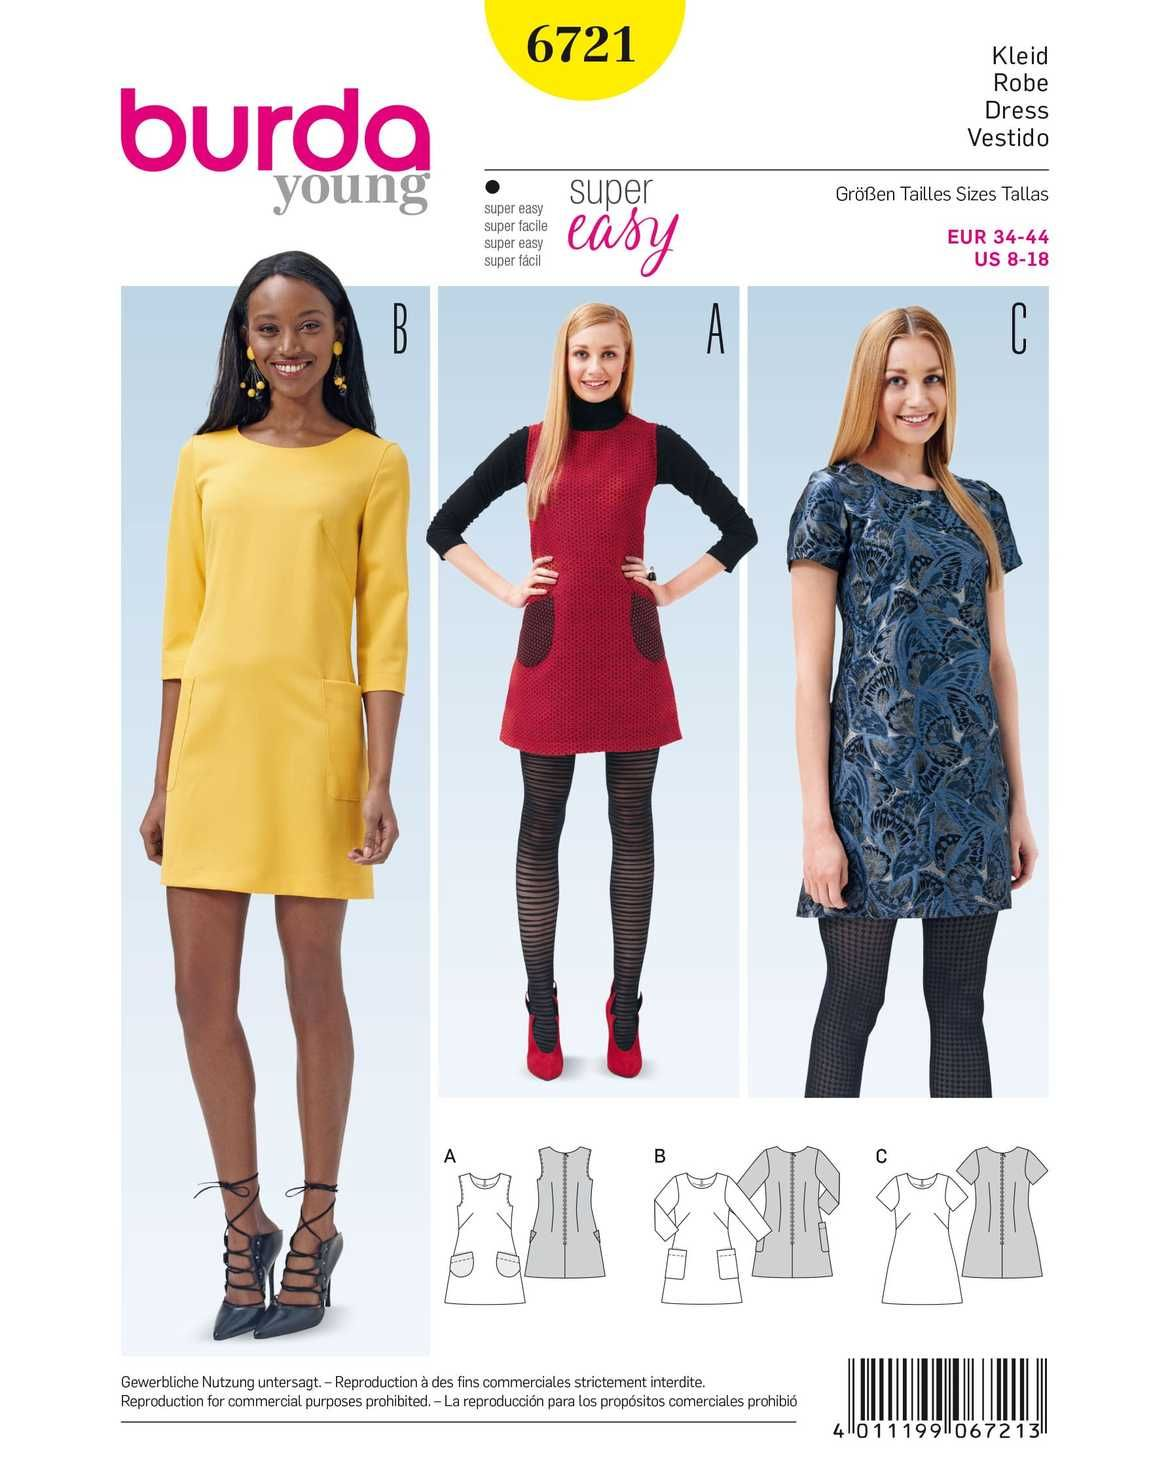 Kleid, Trägerkleid ausgestellt und aufgesetzte Taschen F/S 2015 ...